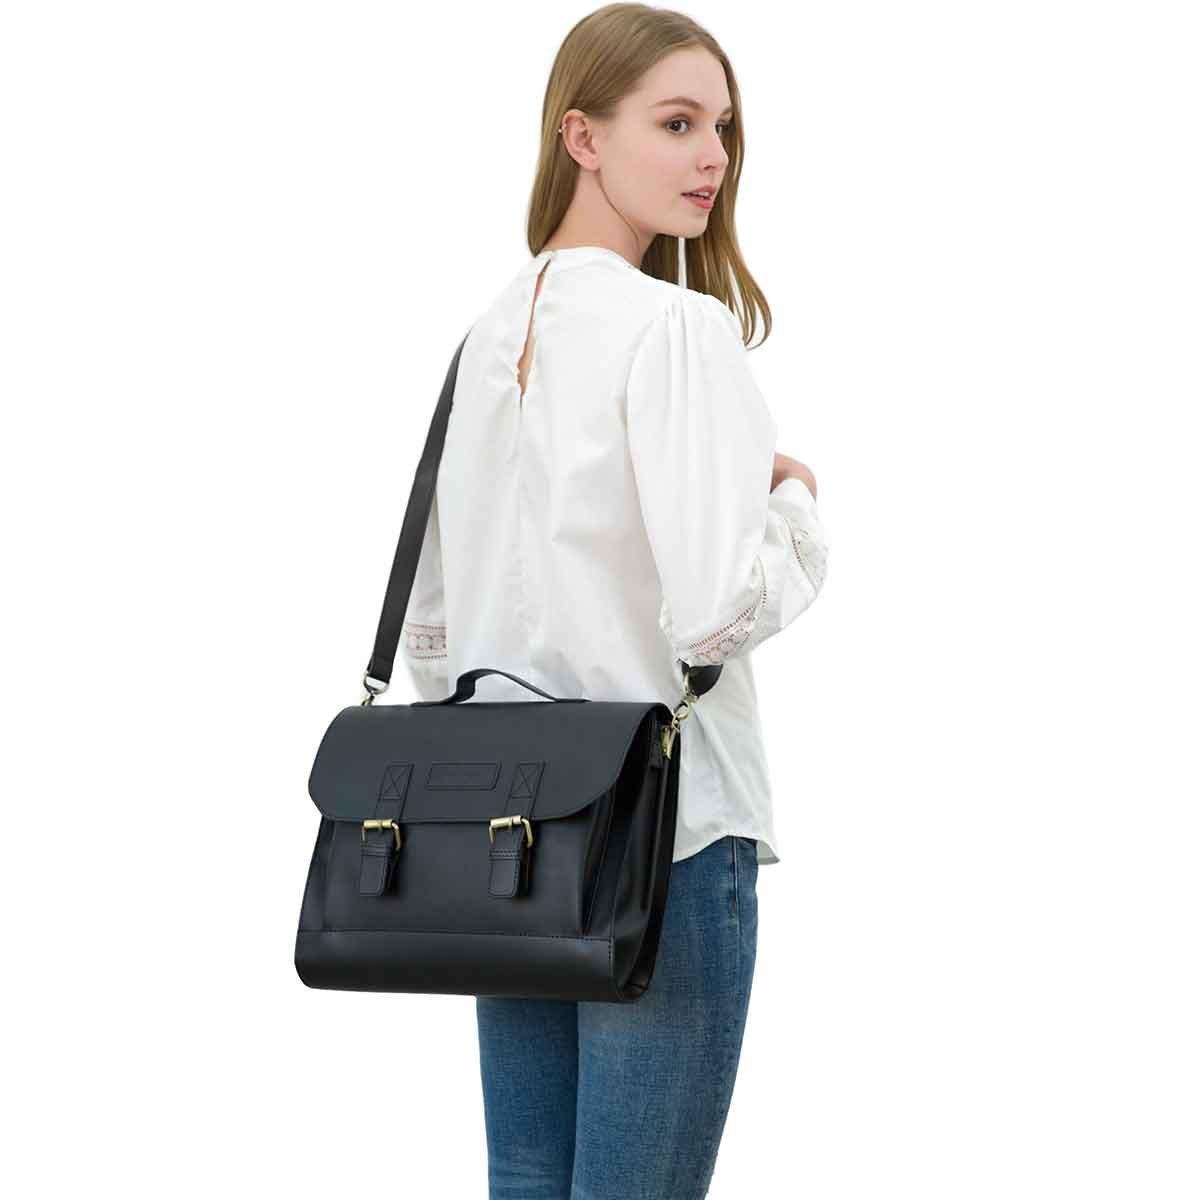 JAKAGO 14.6 Inch Vintage PU Leather Briefcase Laptop Shoulder Messenger Bag Tote School Distressed Bag for Women and Men by JAKAGO (Image #7)